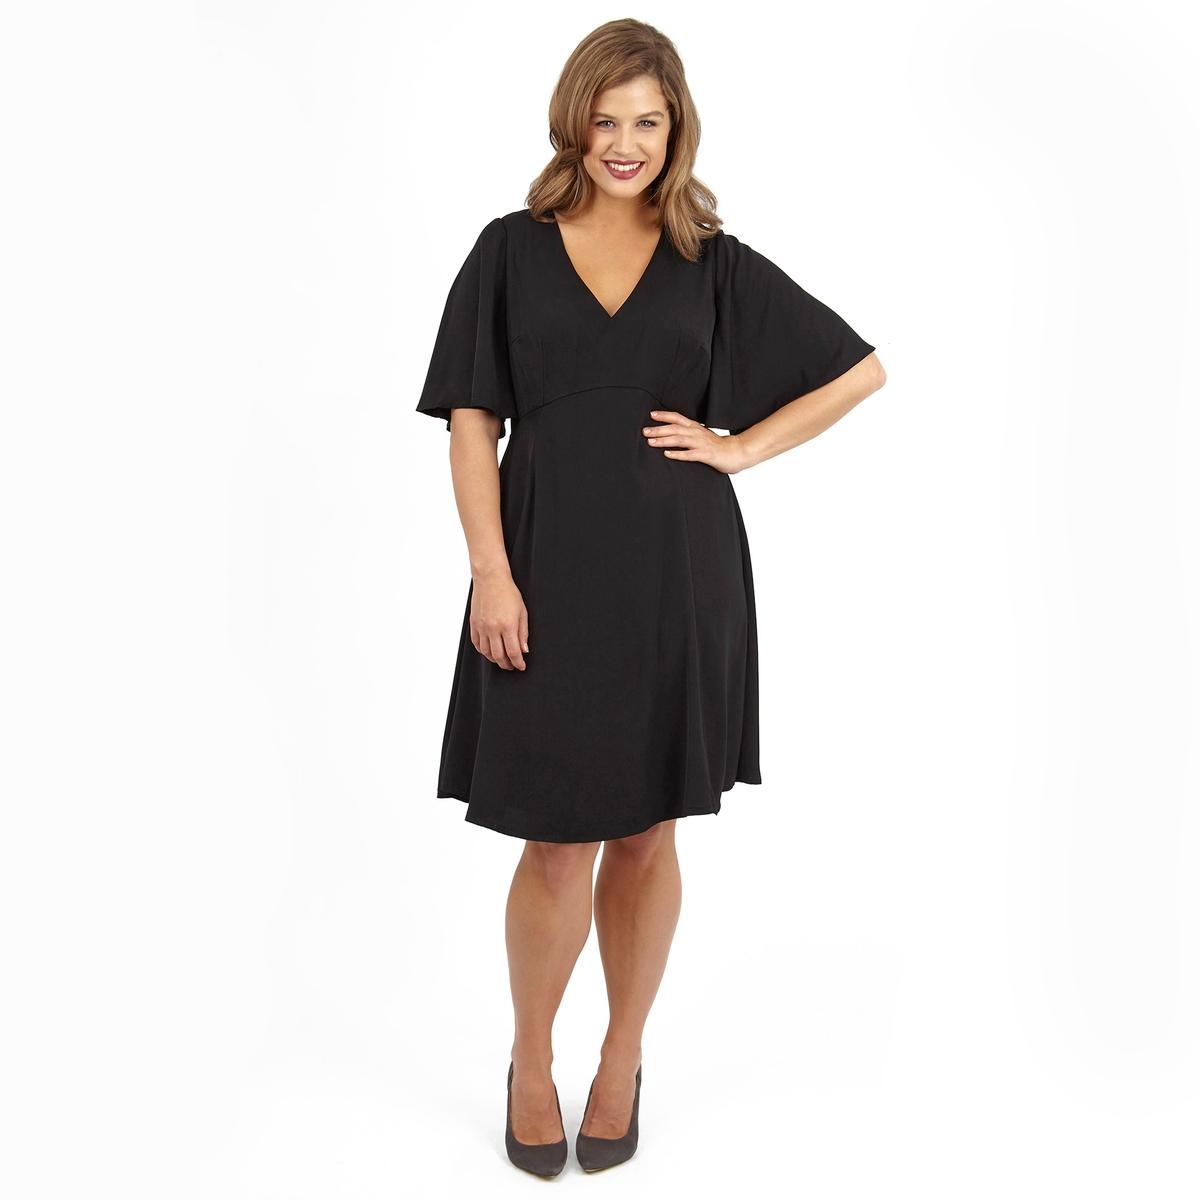 ПлатьеПлатье с короткими рукавами LOVEDROBE. Красивый глубокий V-образный вырез. 100% полиэстер.<br><br>Цвет: черный<br>Размер: 48 (FR) - 54 (RUS)